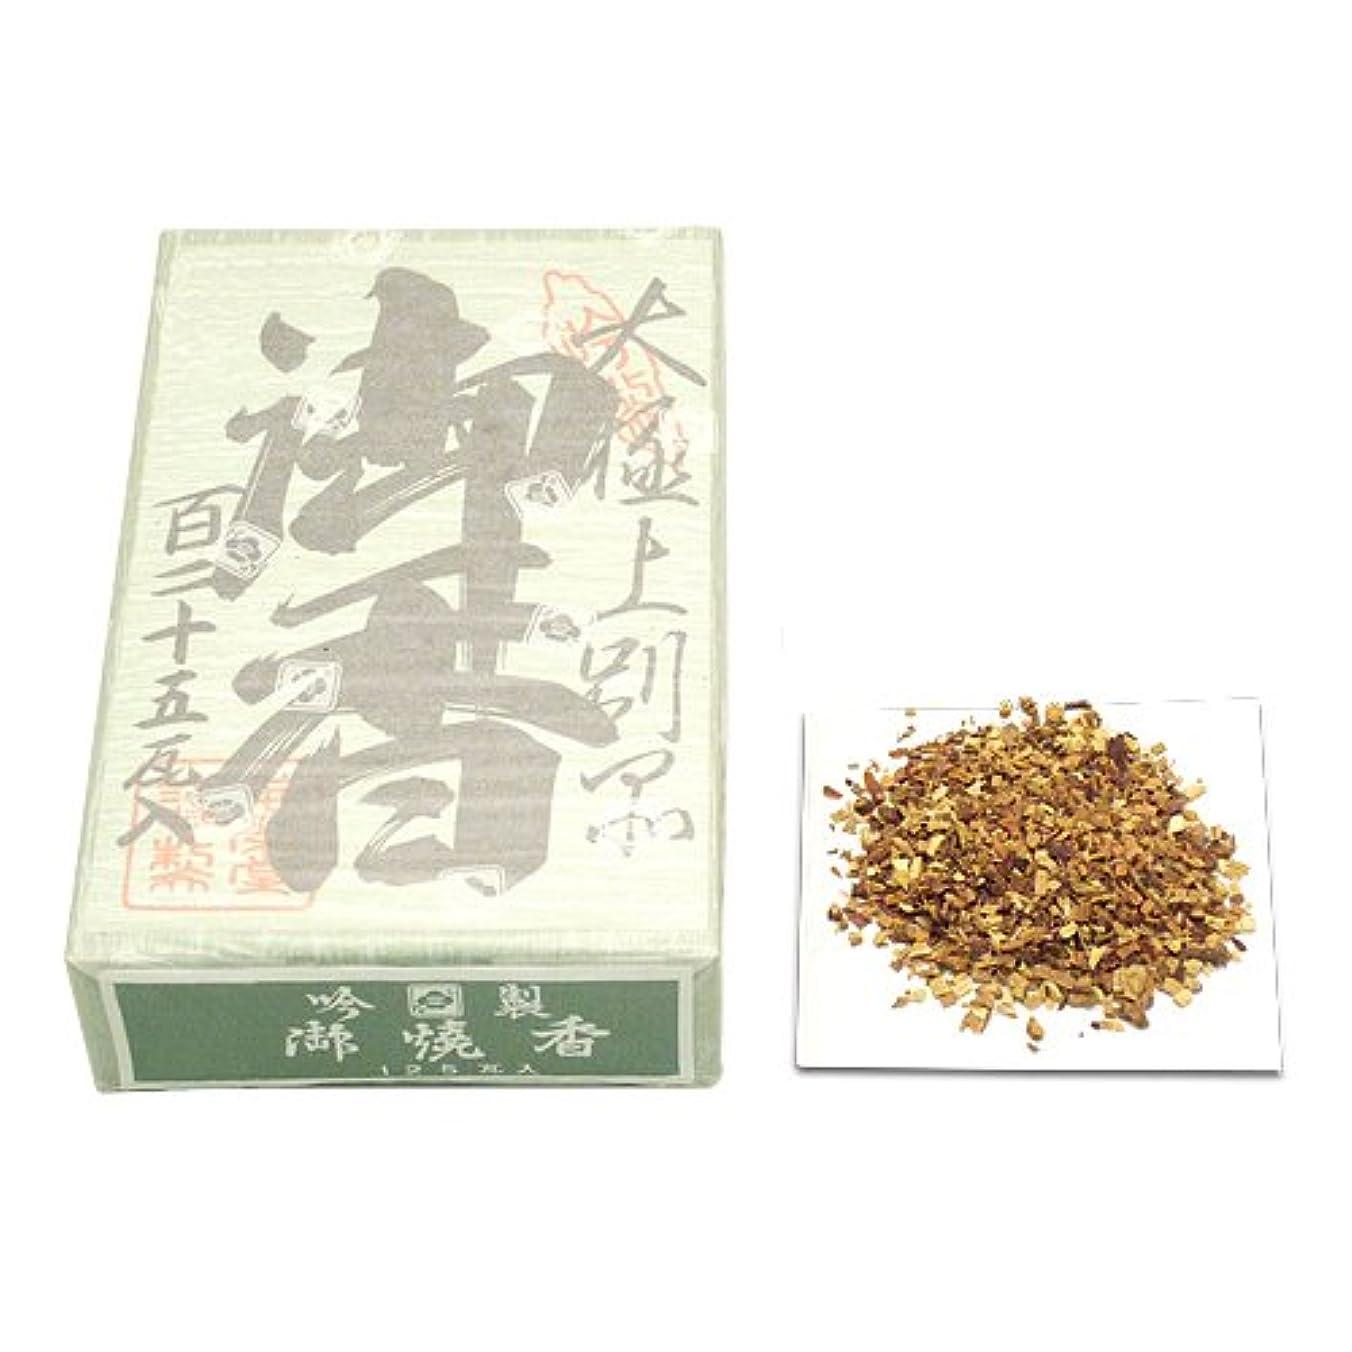 収益免除する経過焼香用御香 超徳印 125g◆お焼香用の御香